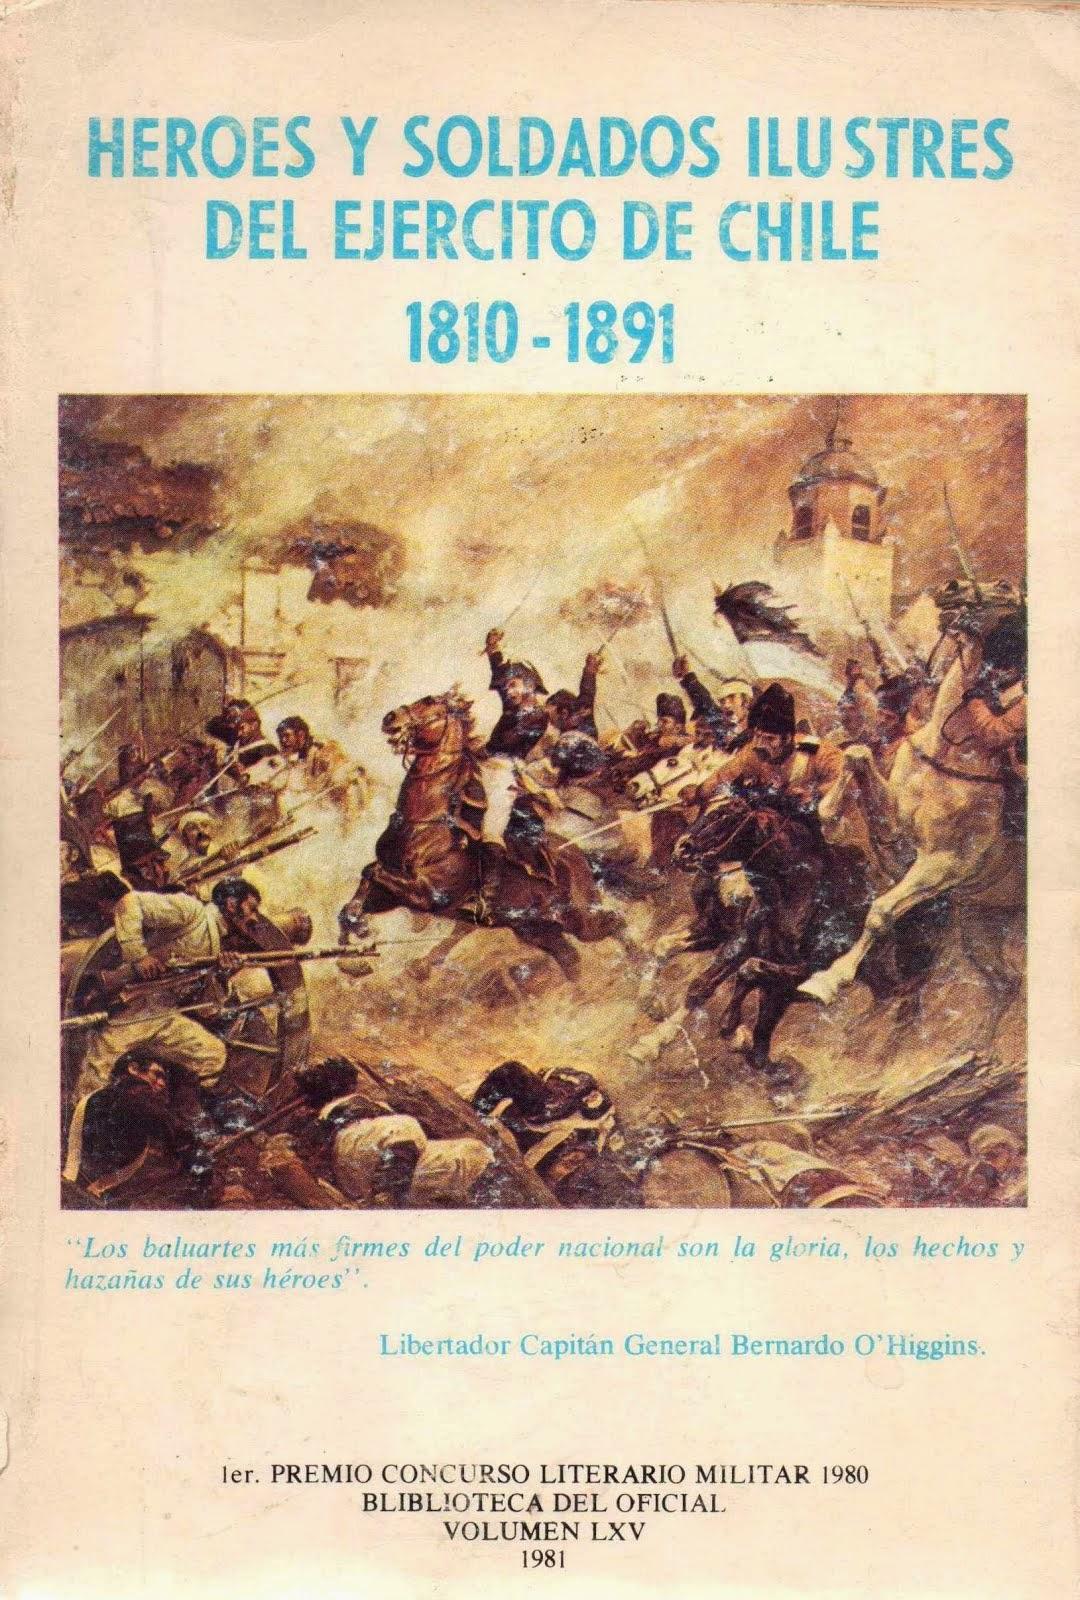 Heroes y soldados ilustres del ejercito de Chile 1810-1891